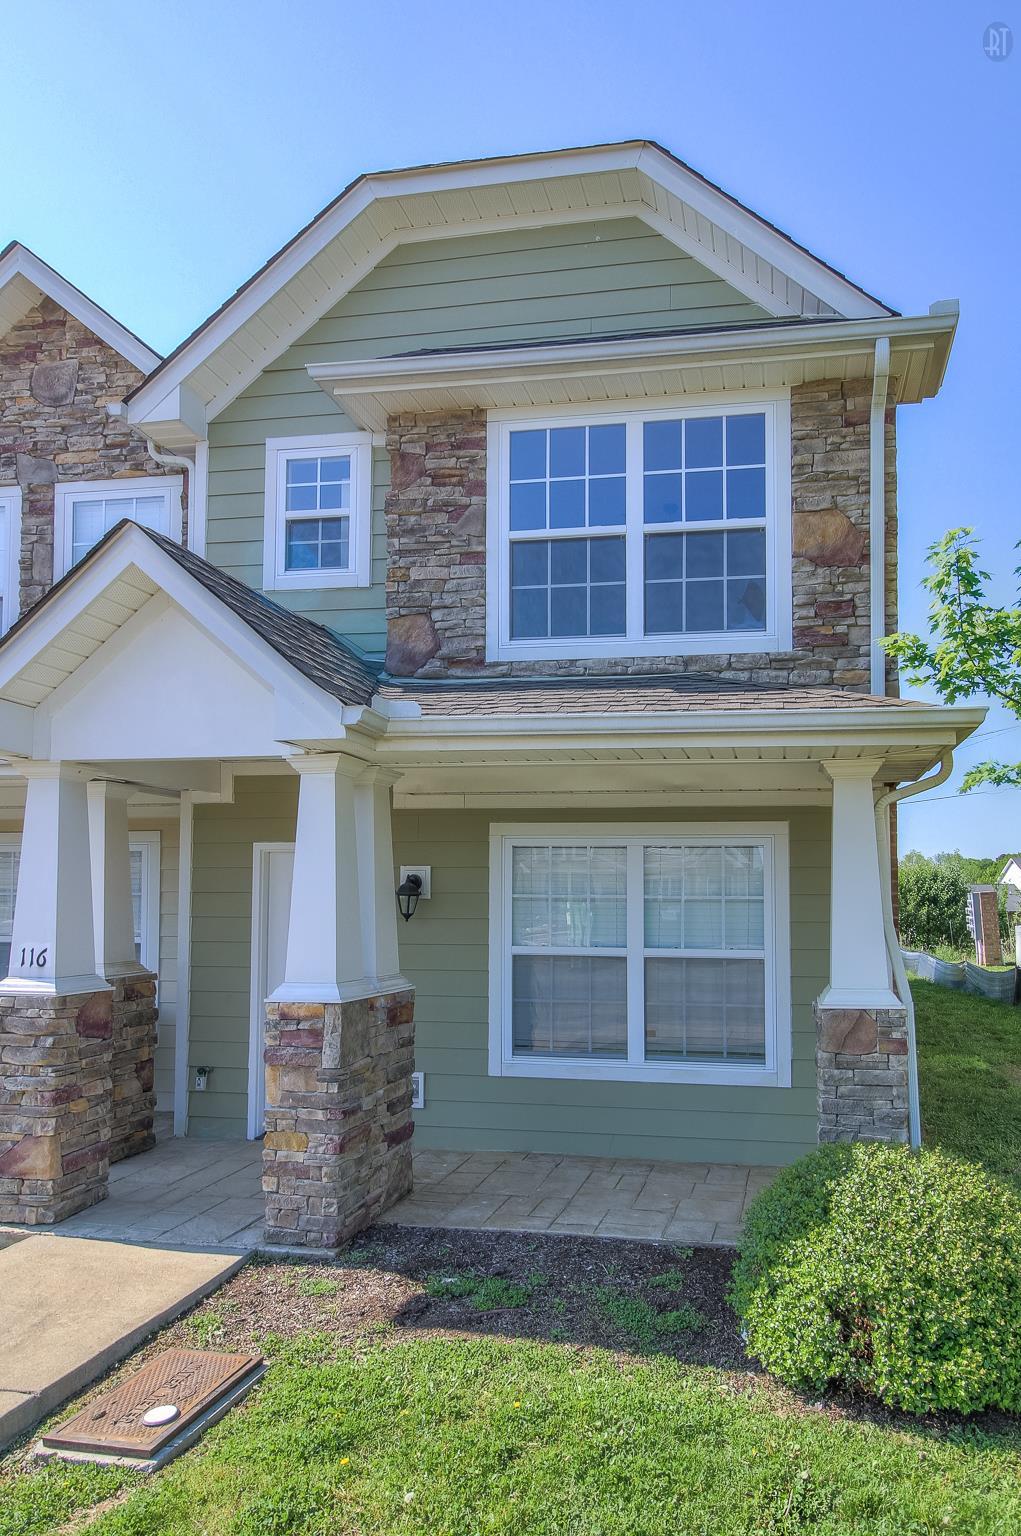 116 Cobblestone Place Dr, Goodlettsville, TN